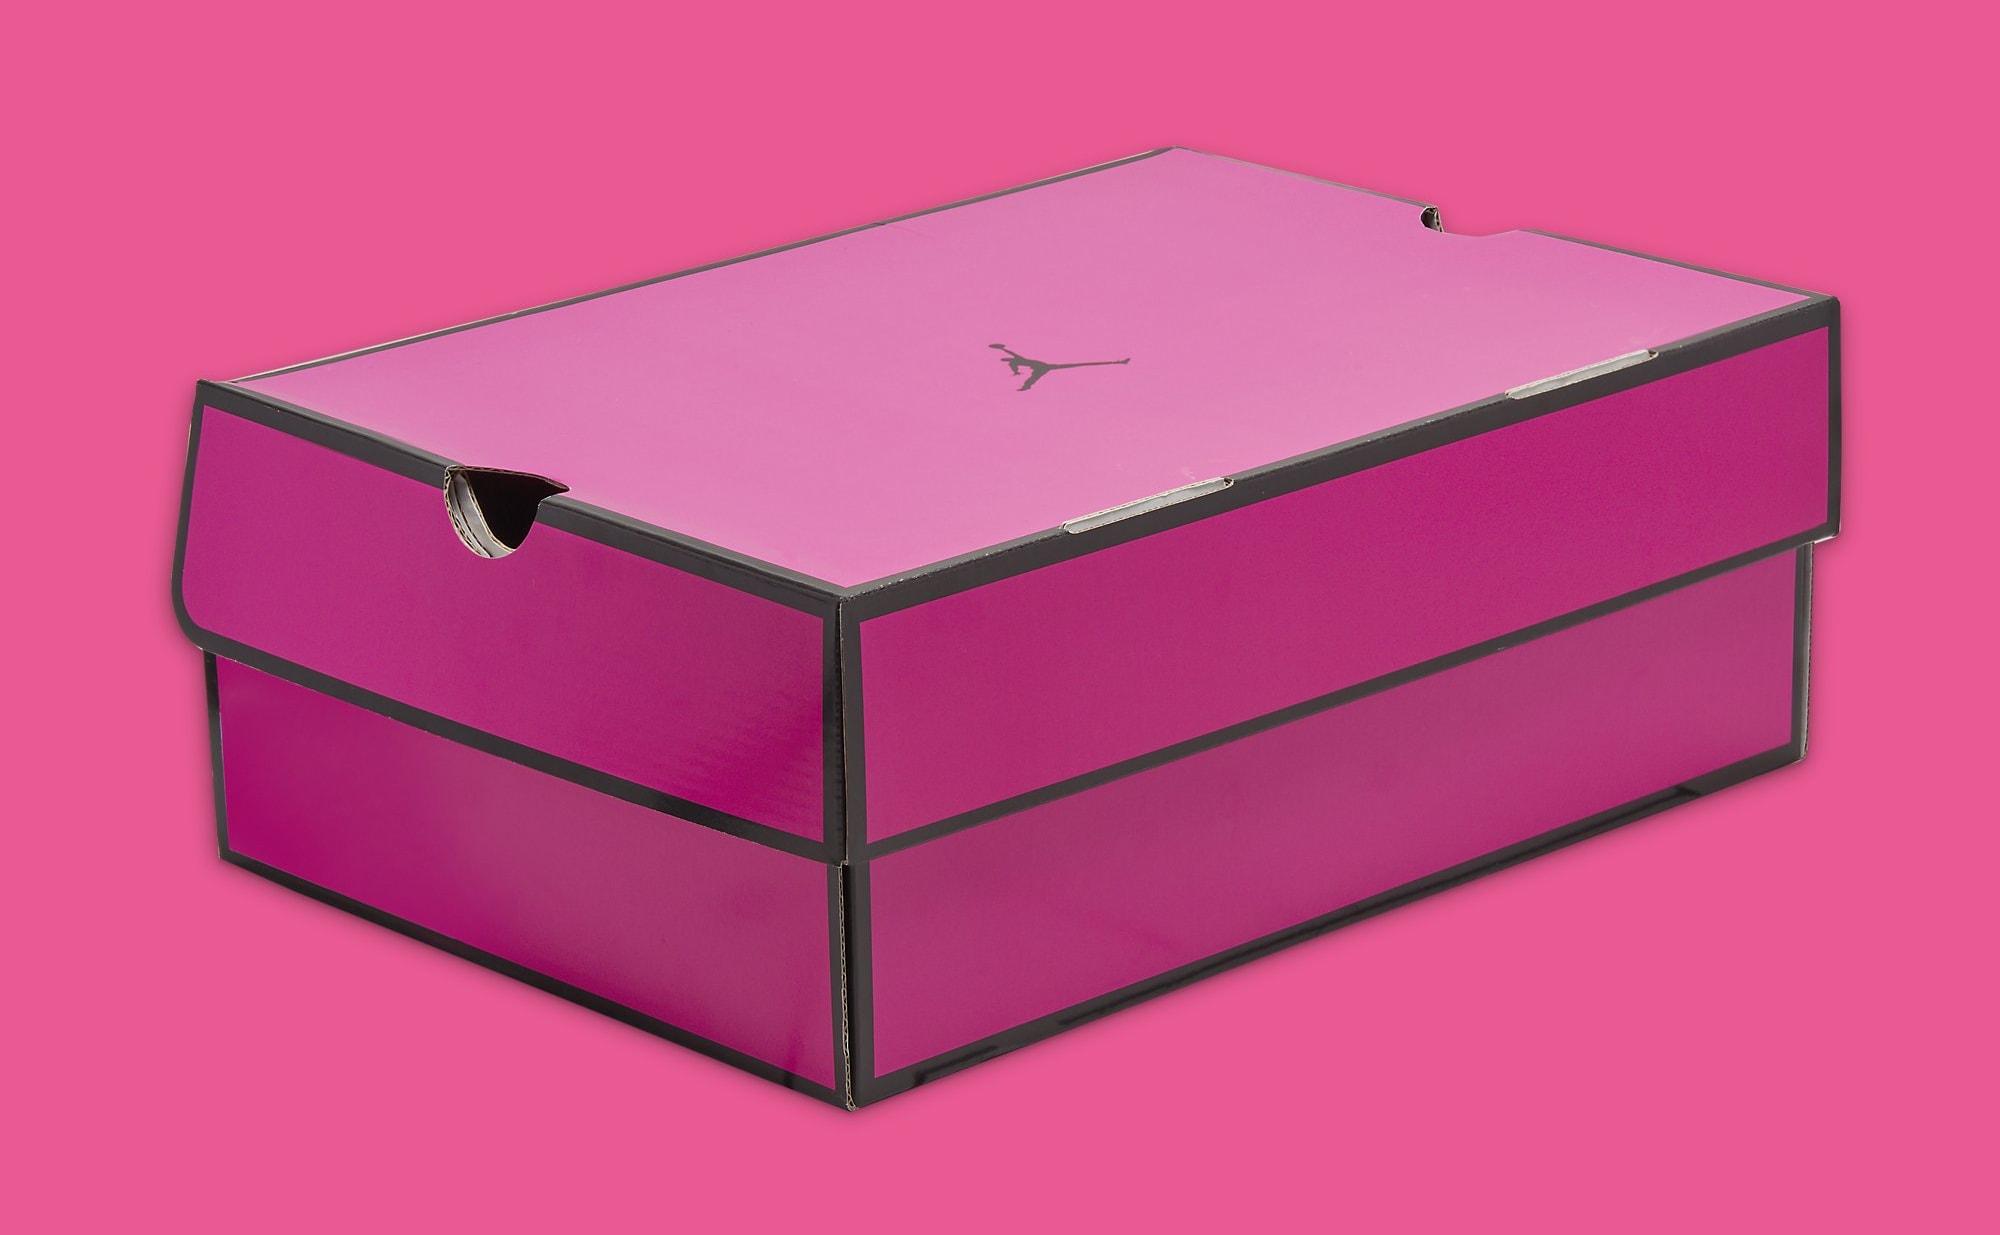 Air Jordan 14 Women's 'Shocking Pink' DH4121 600 Box